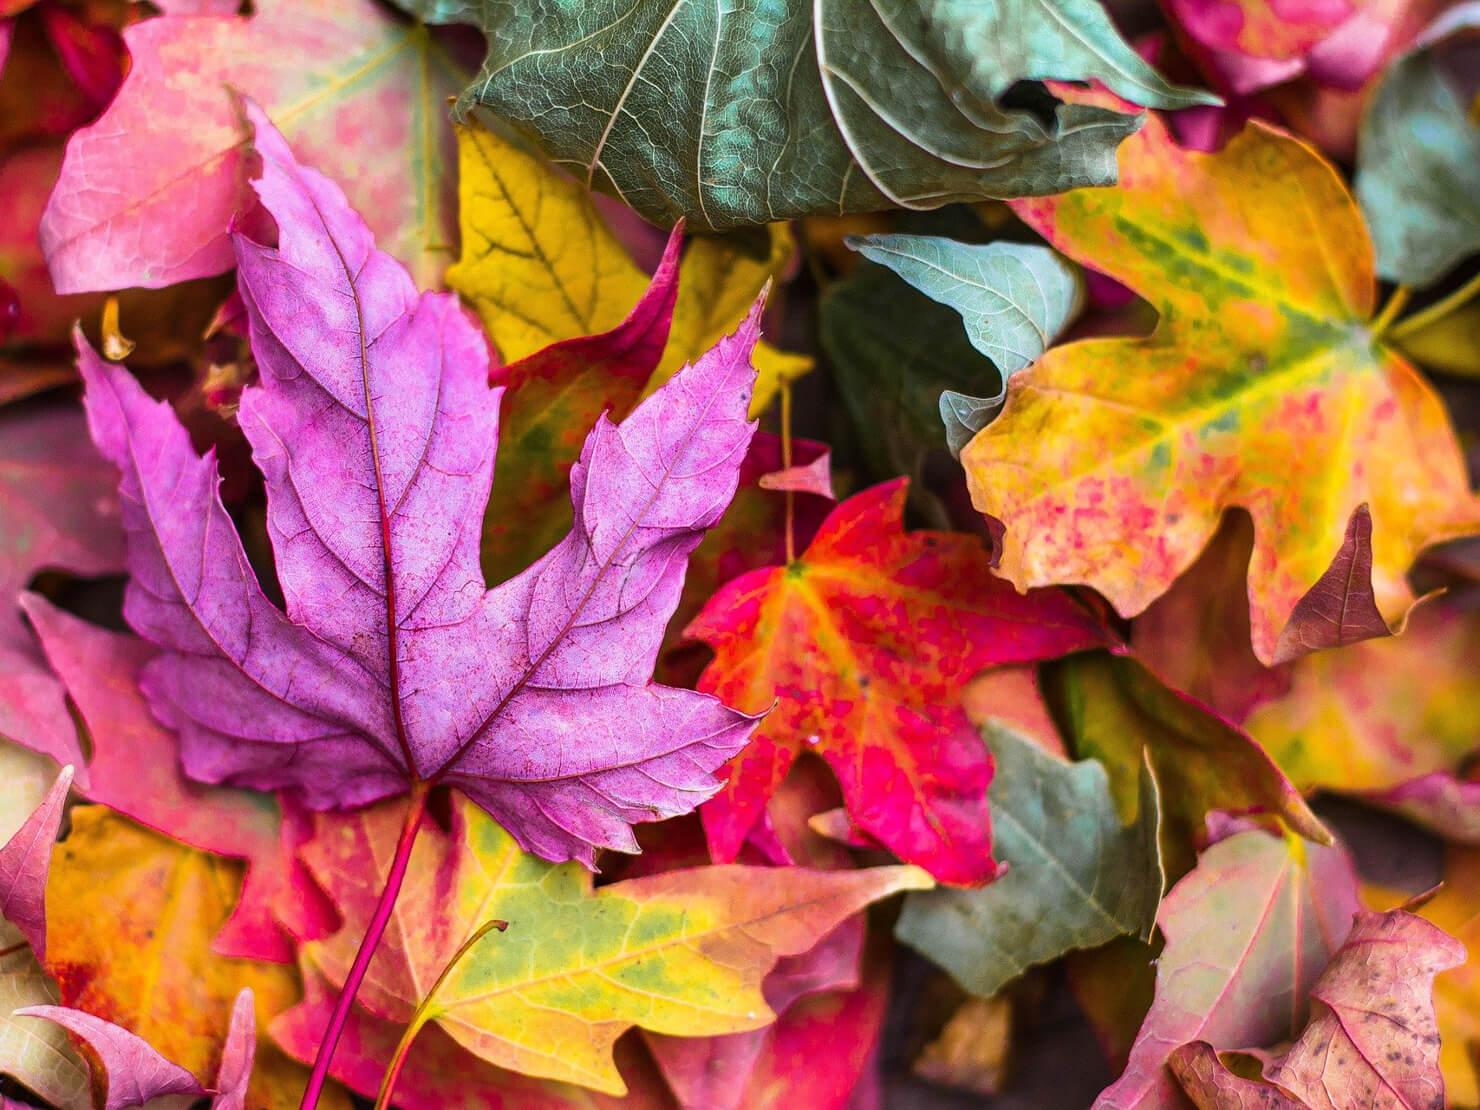 いろいろな色の葉っぱの写真